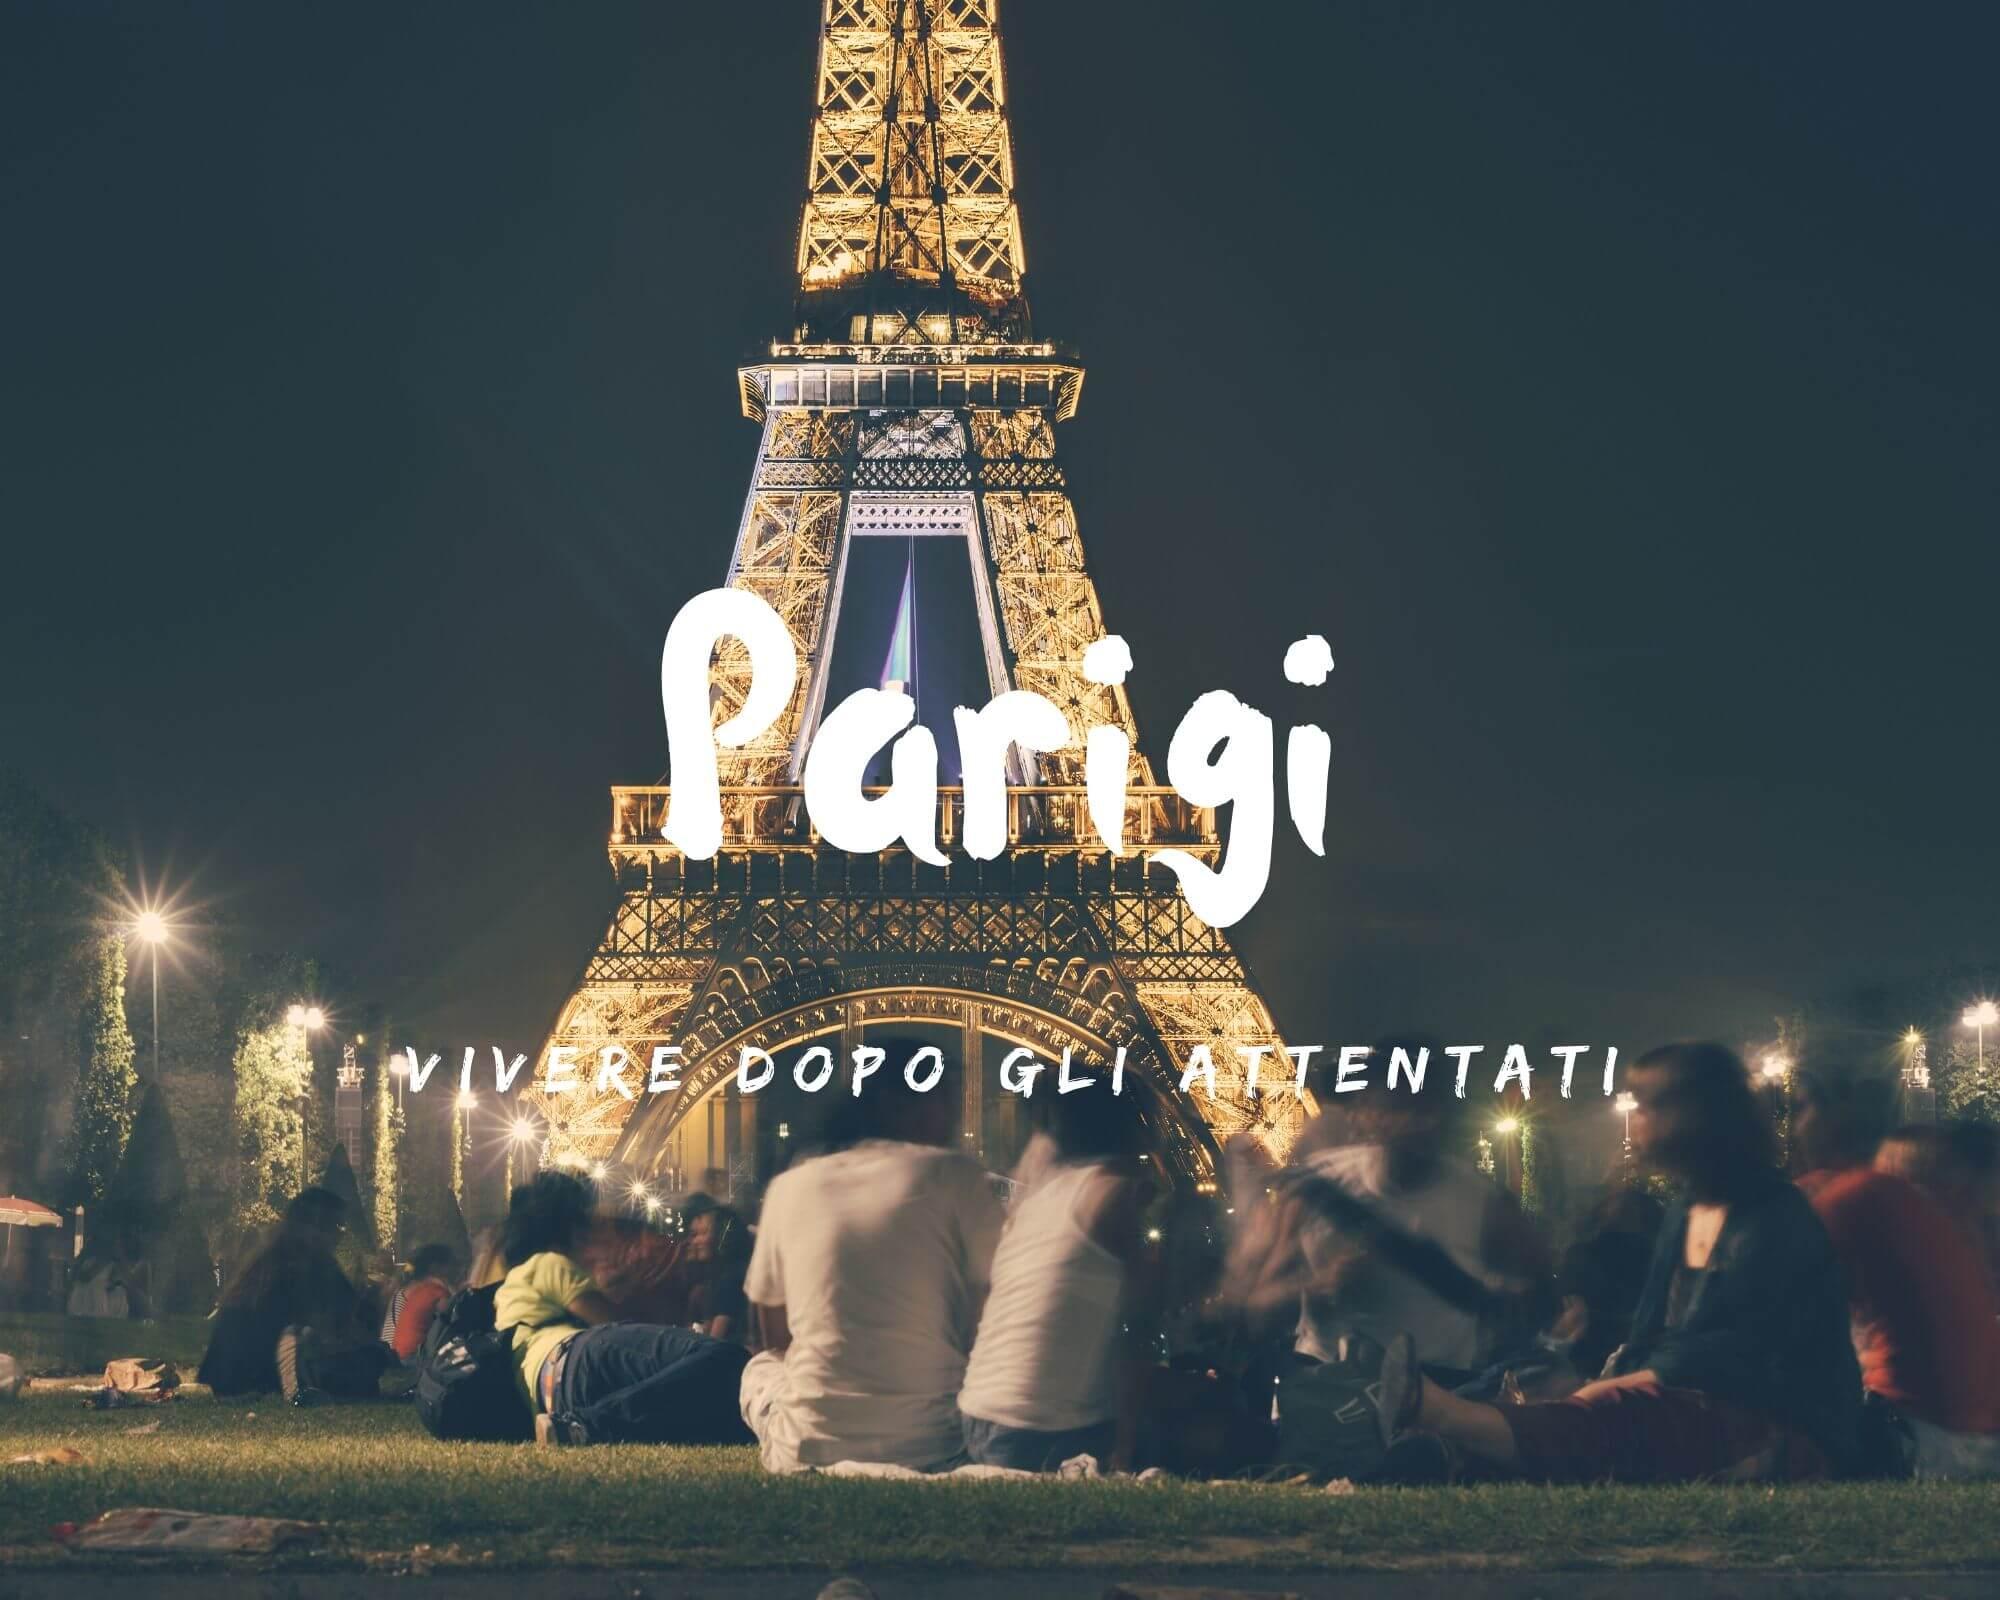 Vivere a Parigi dopo gli attentati